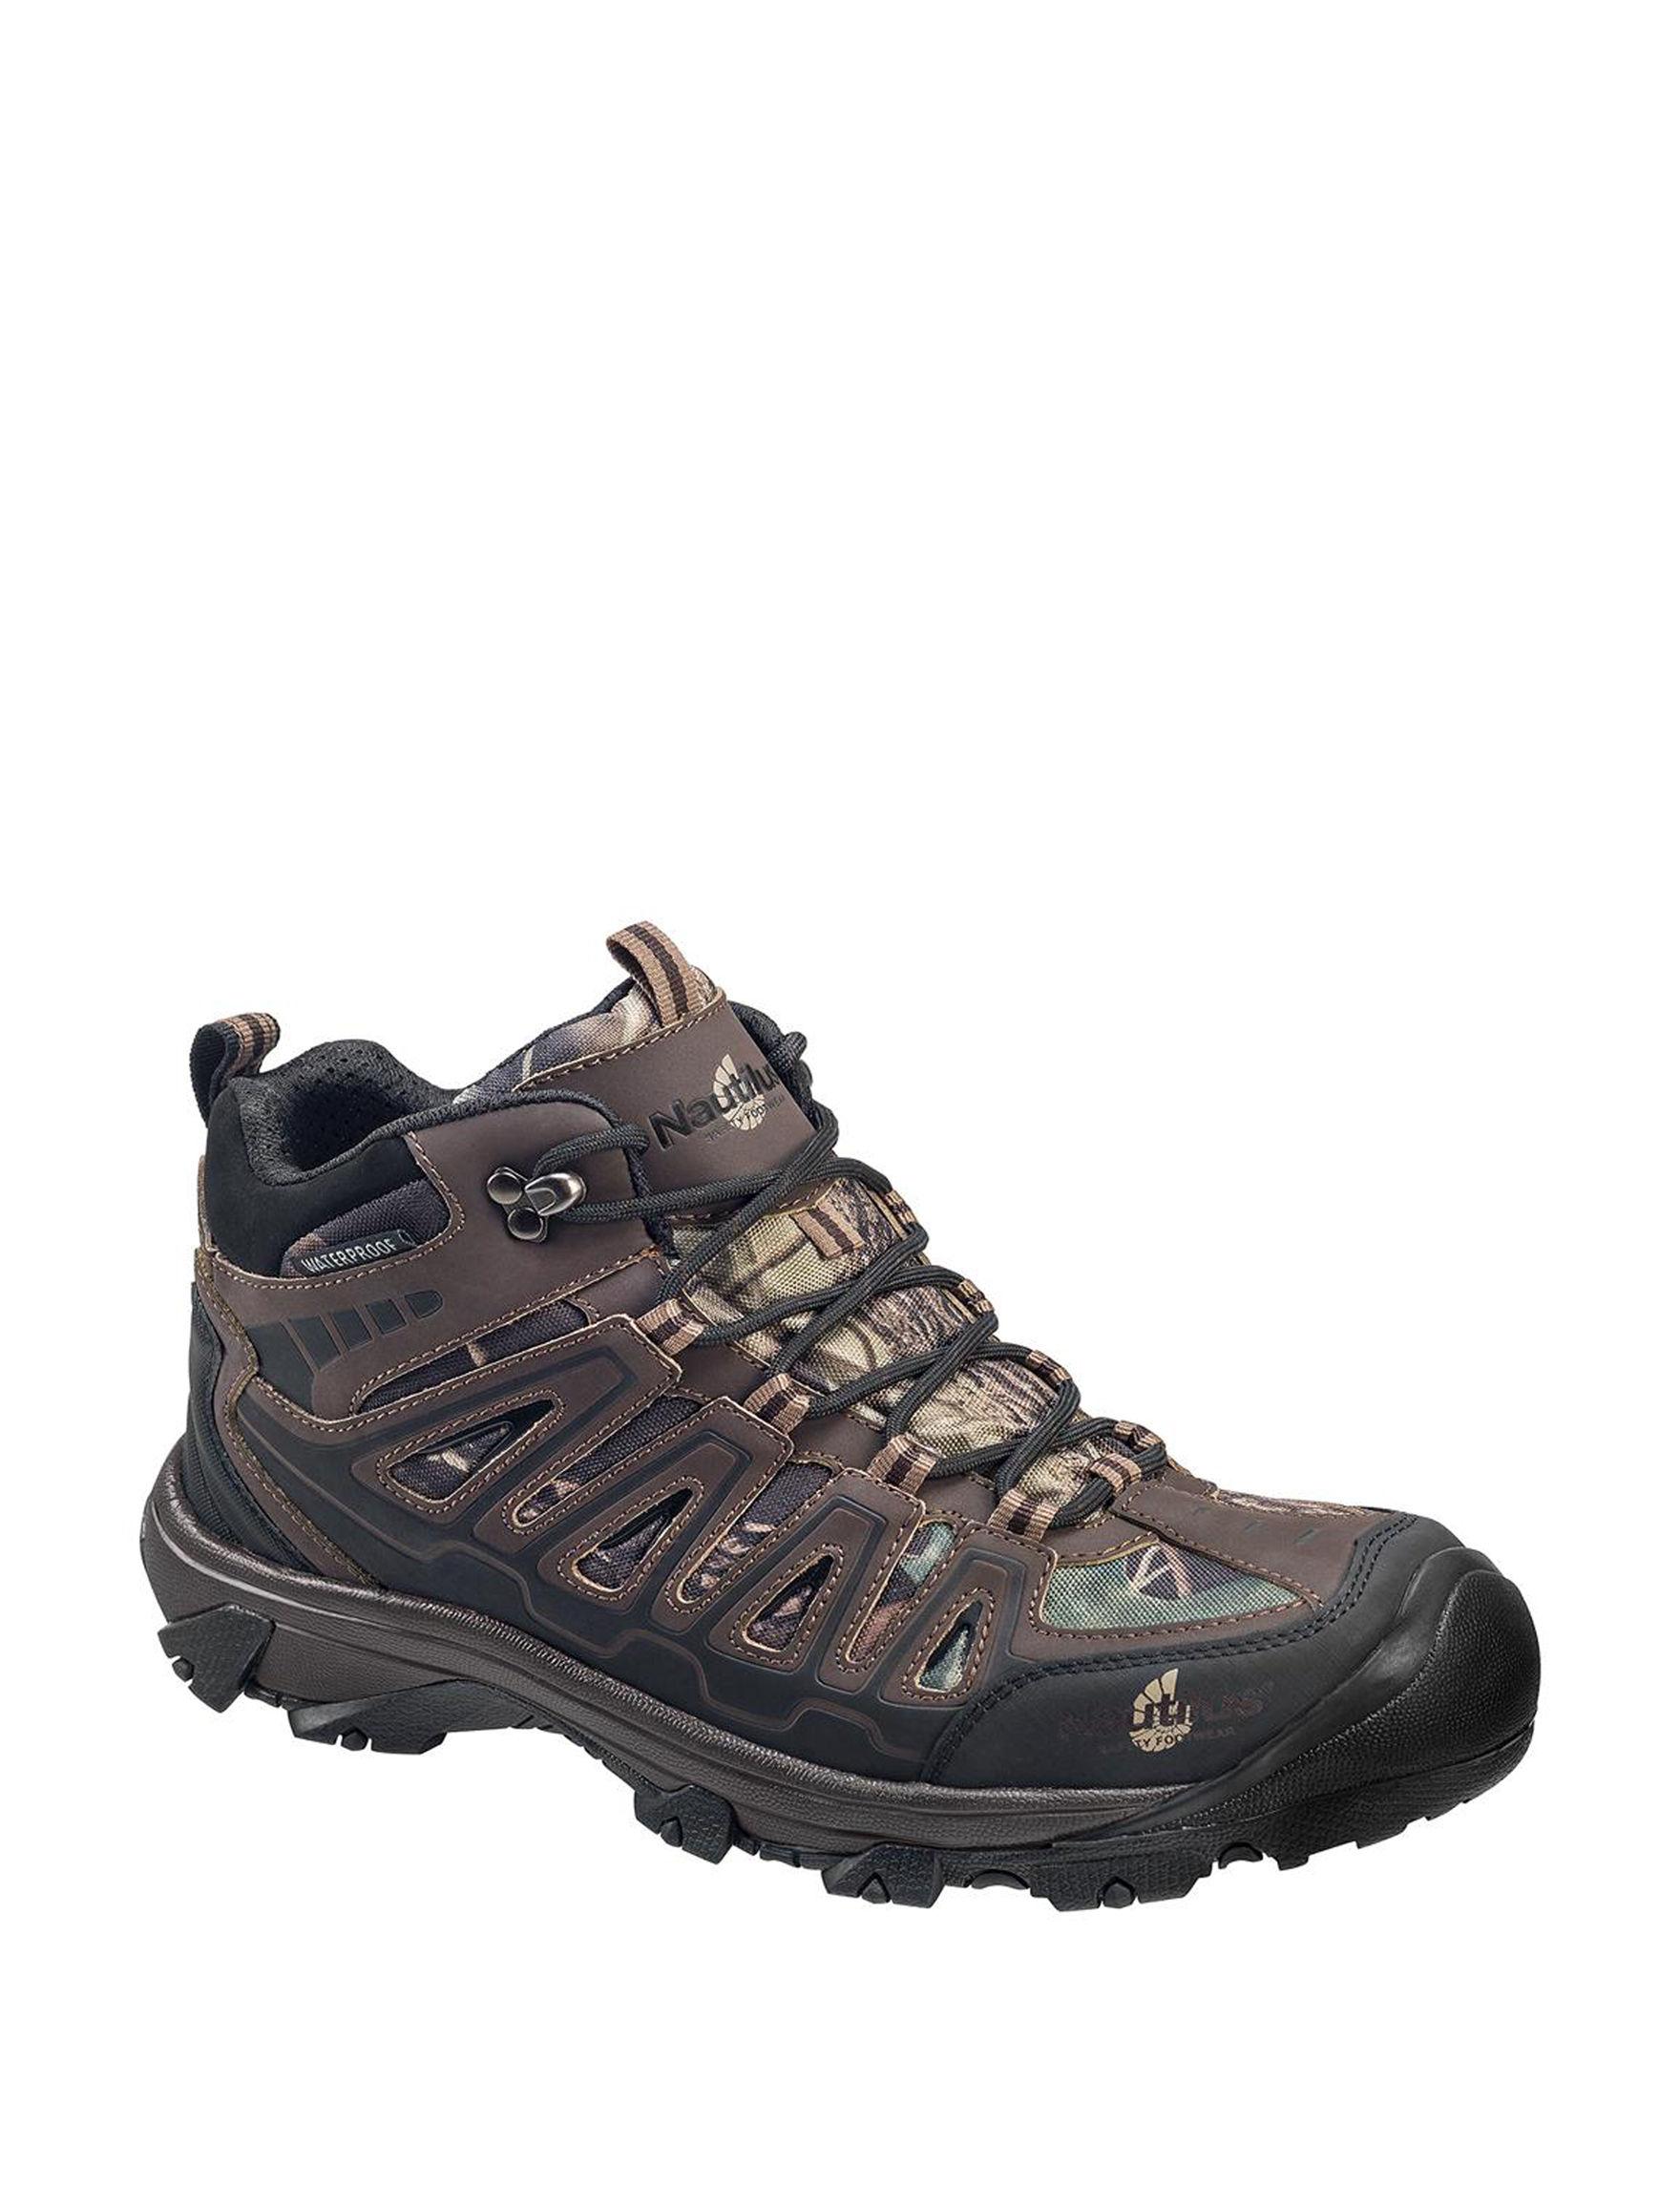 Nautilus Brown Slip Resistant Steel Toe Waterproof